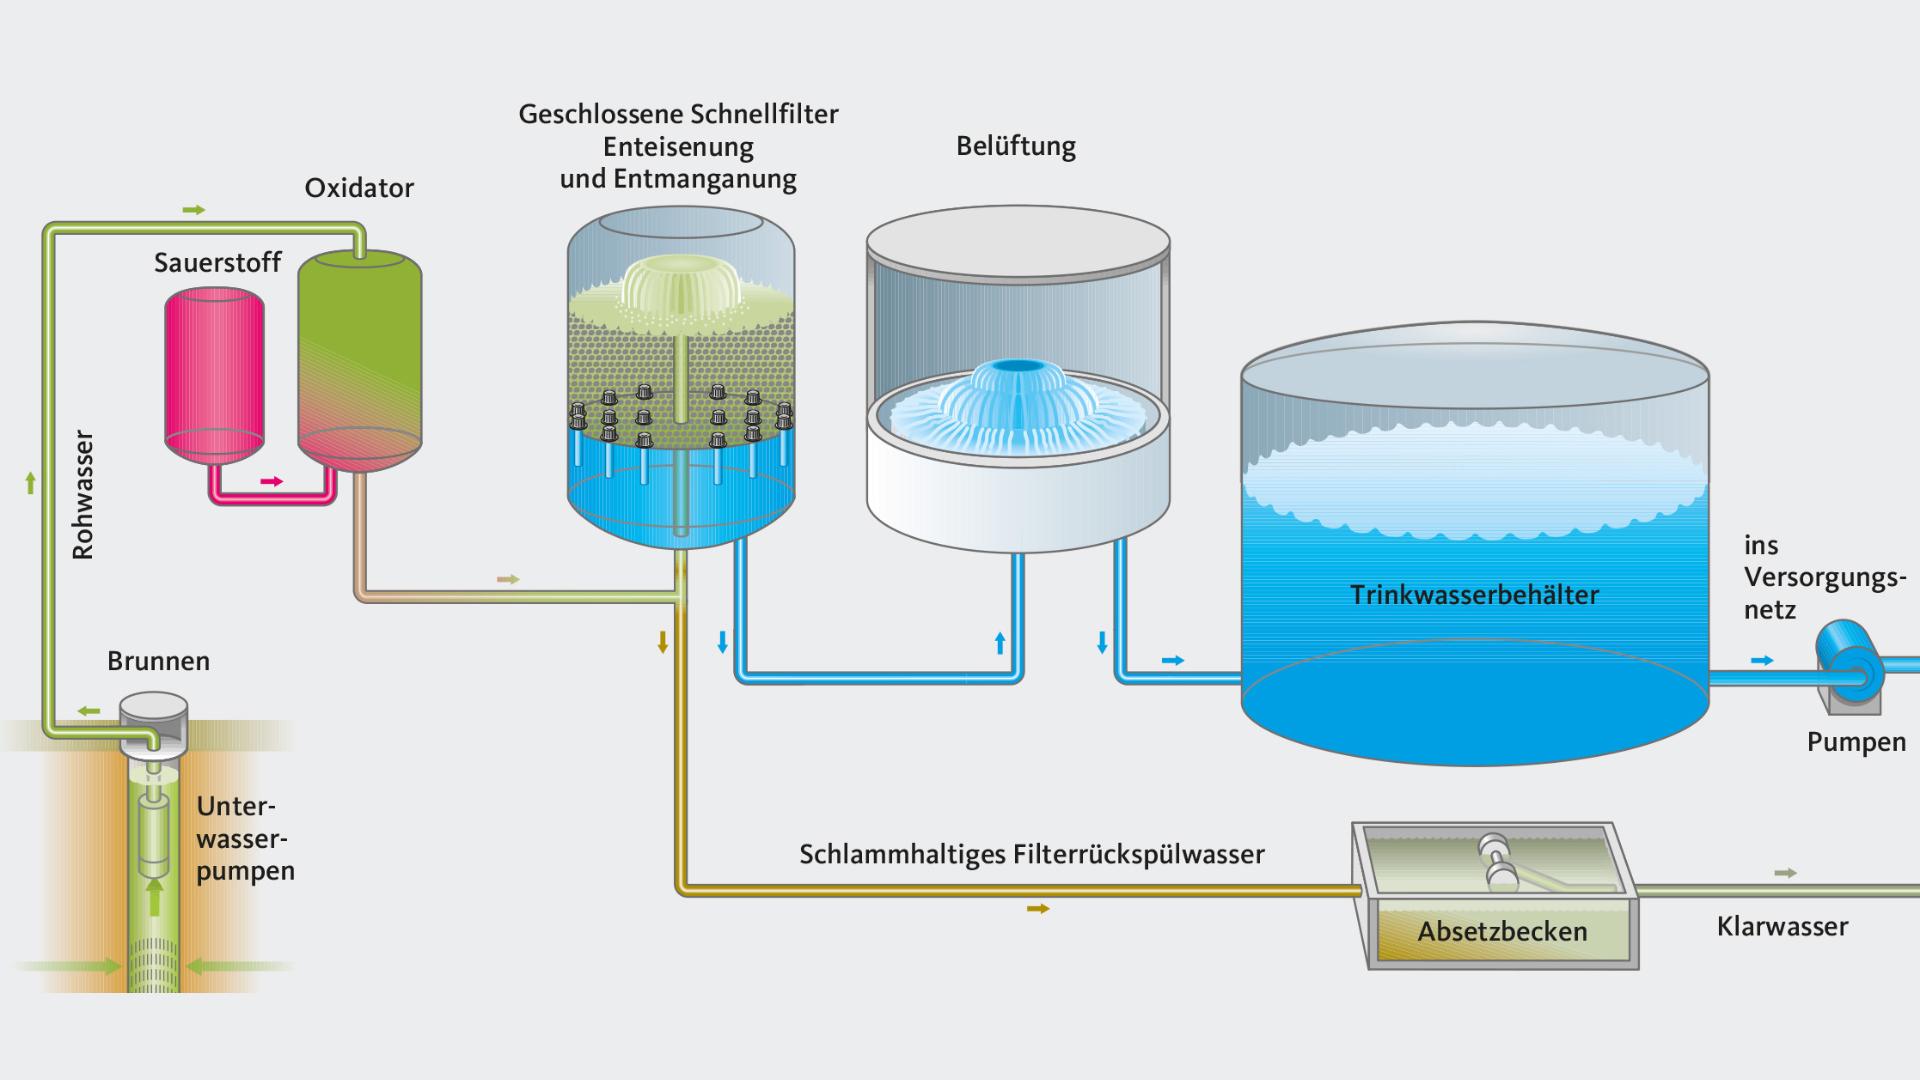 Flow chart of water treatment process at Hamburg Waldörfer Waterworks